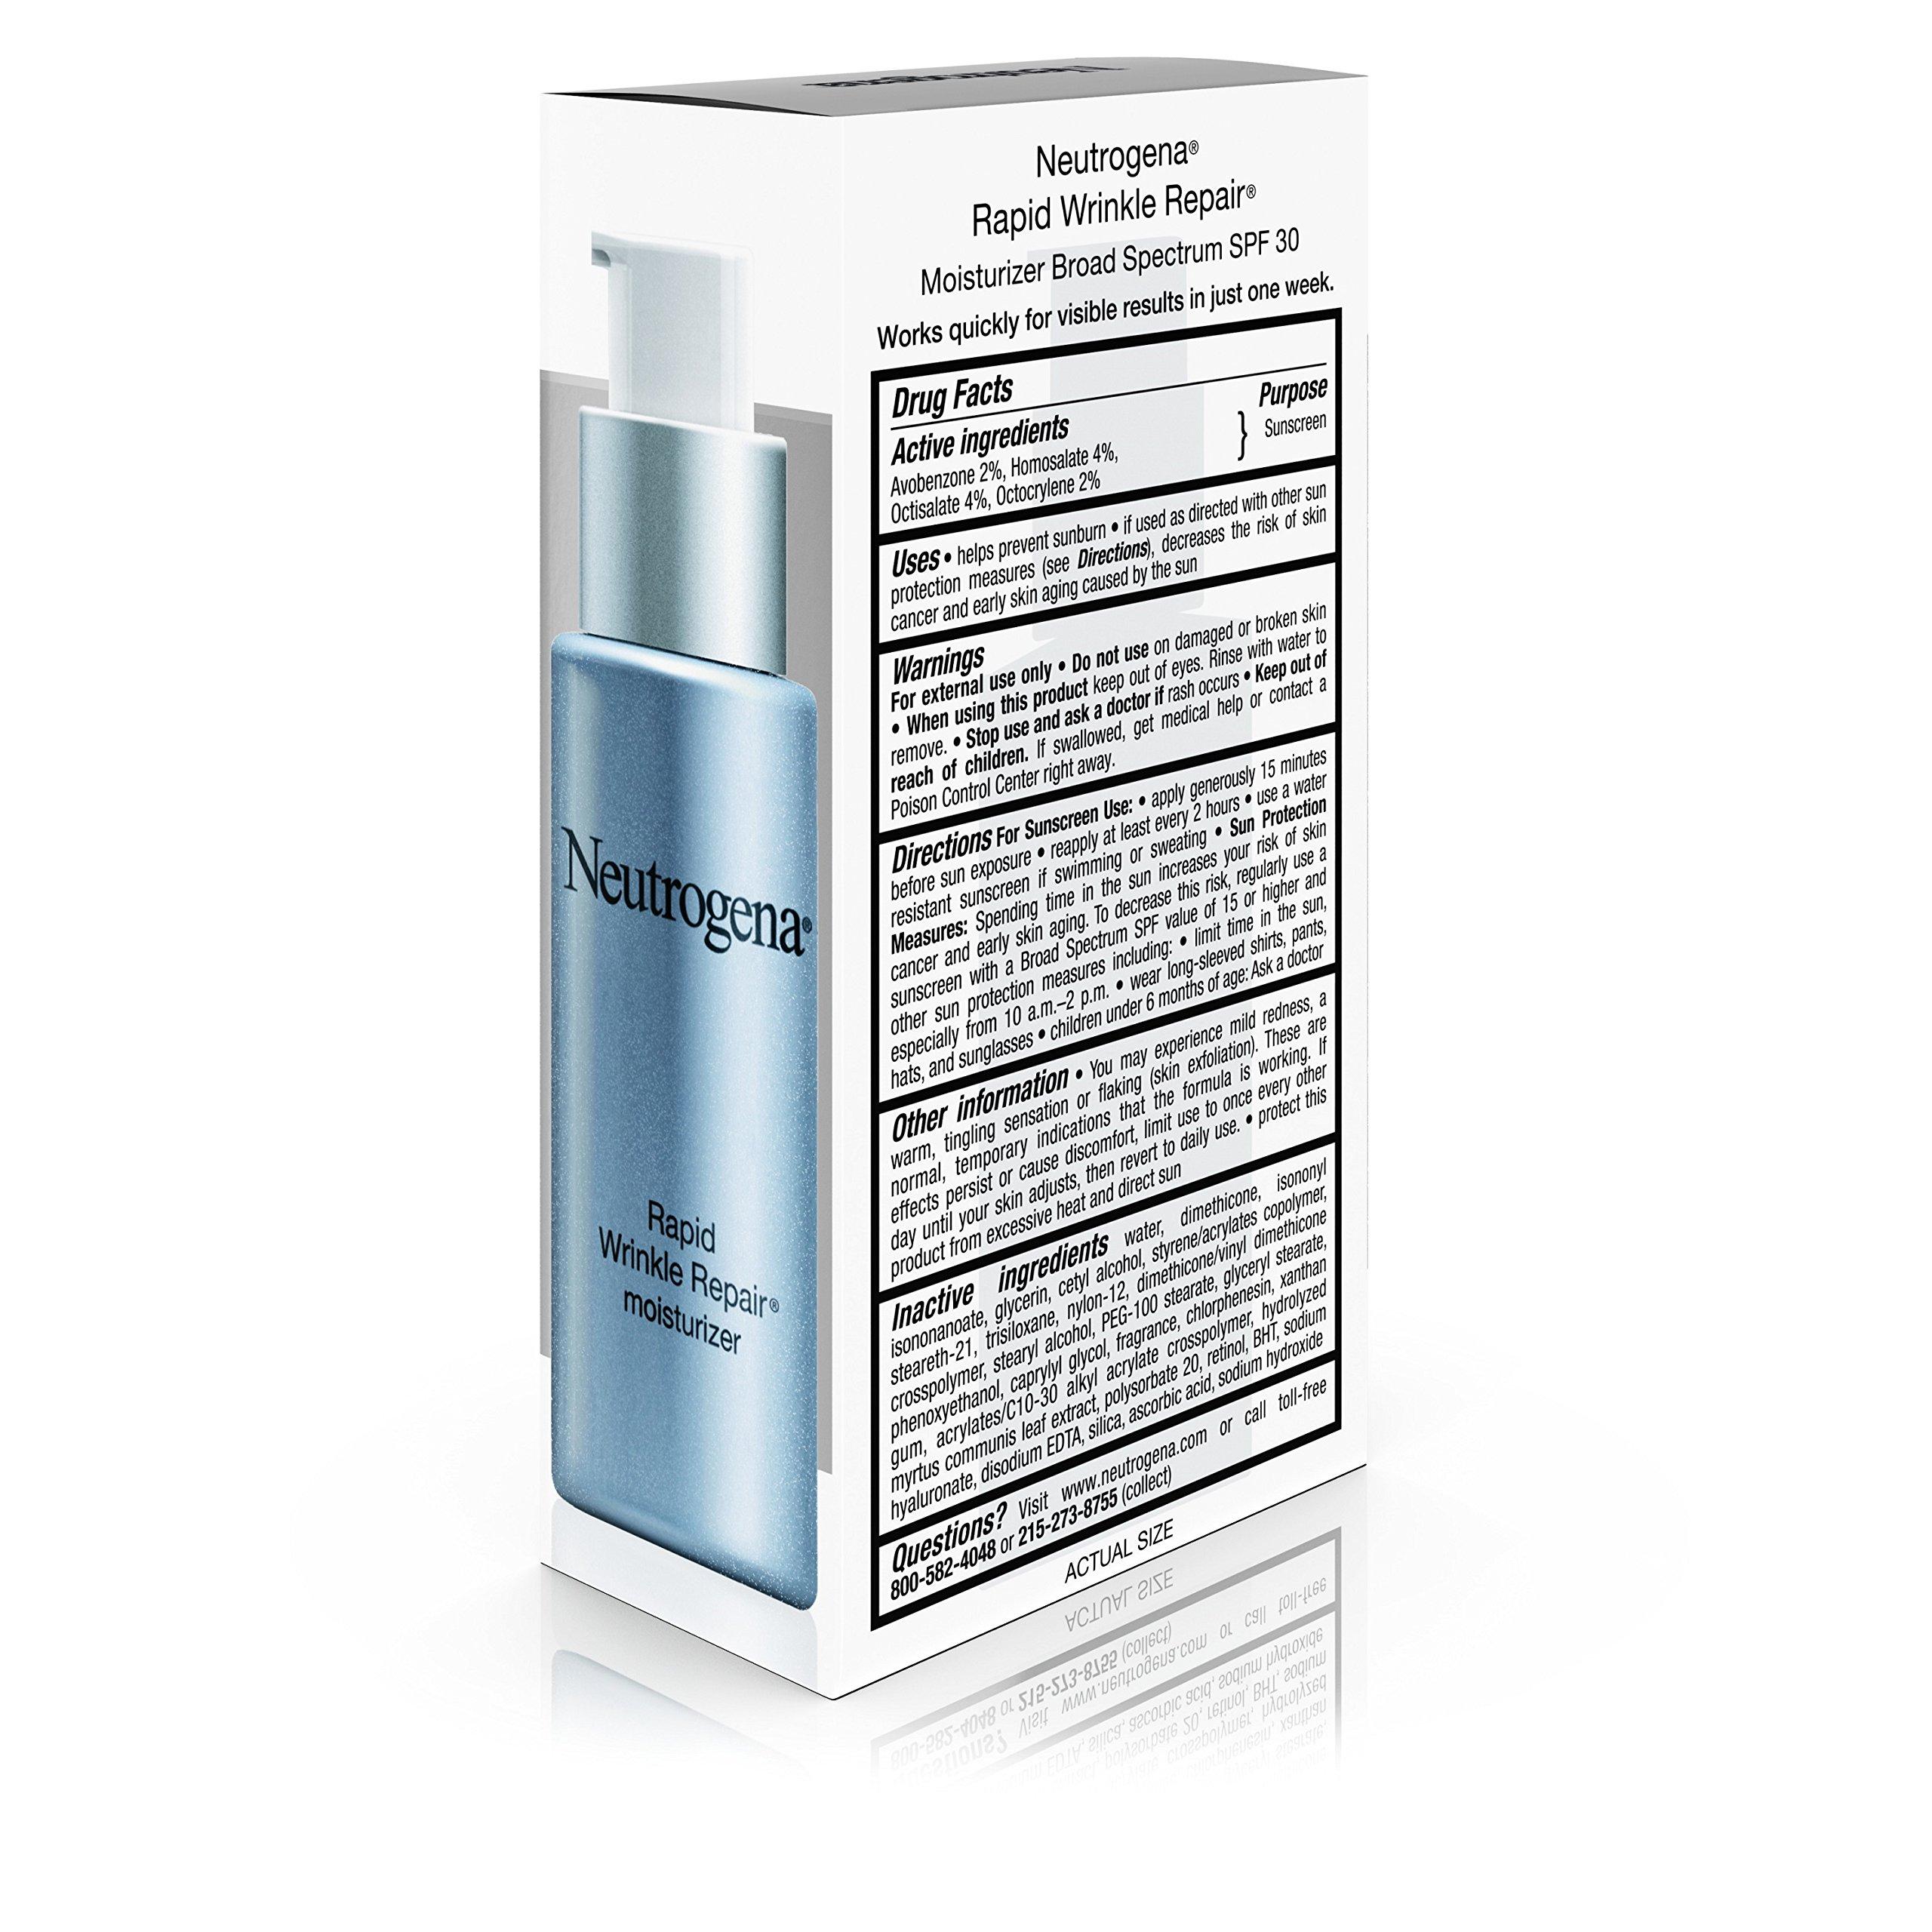 Neutrogena Rapid Wrinkle Repair Anti-Wrinkle Retinol Daily Face Moisturizer, with SPF 30 Sunscreen, 1 fl. Oz by Neutrogena (Image #7)